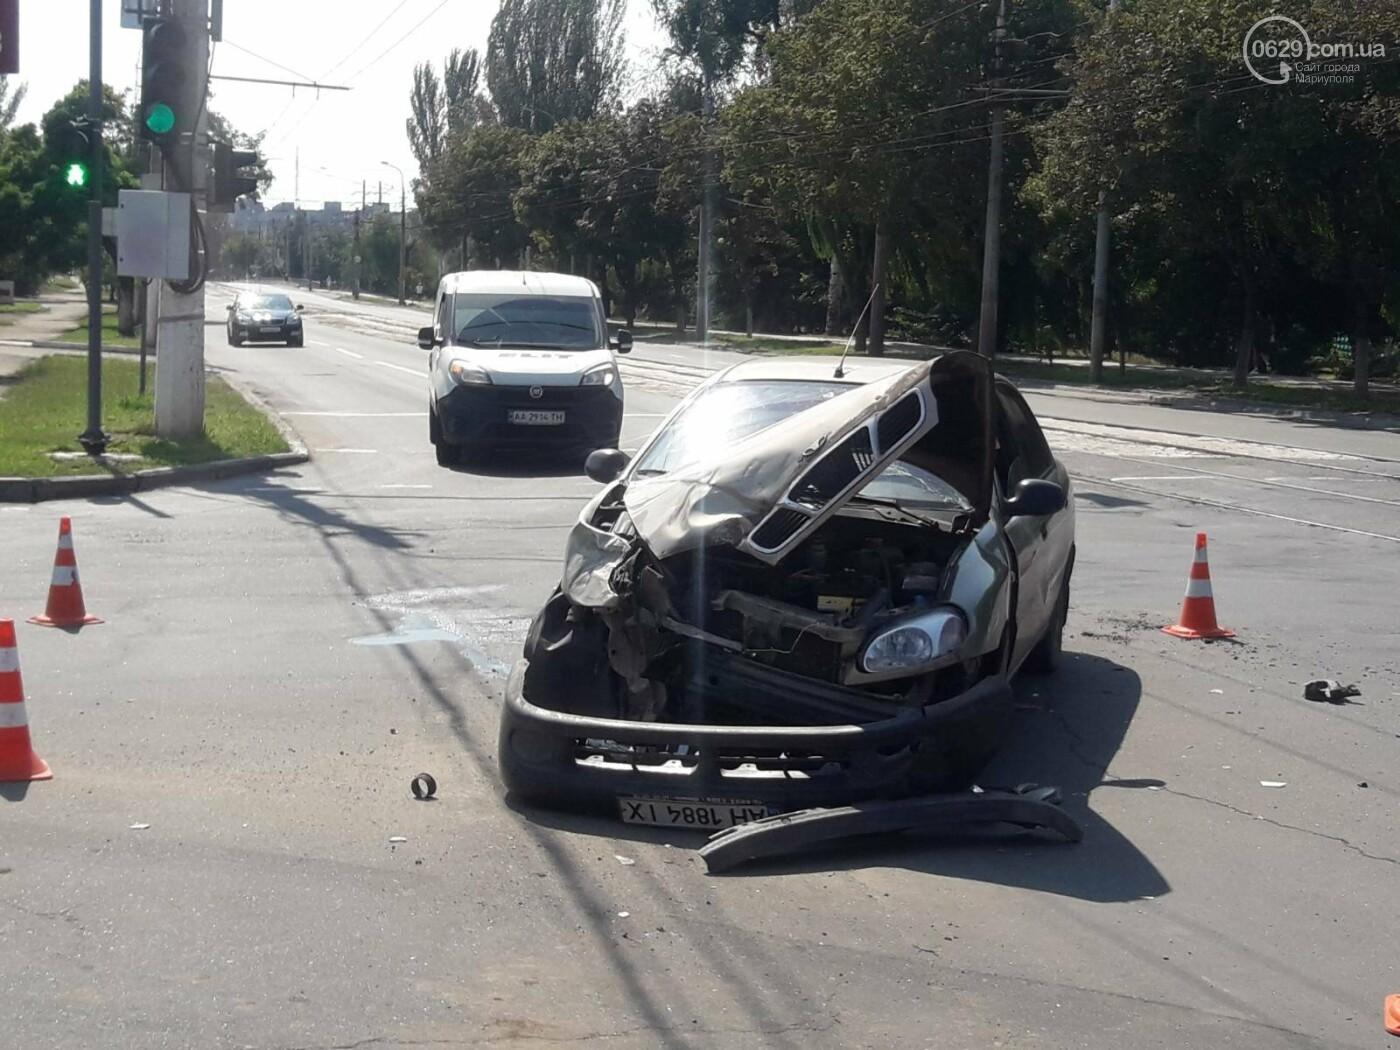 В Мариуполе на перекрестке перевернулся автомобиль военных медиков, - ФОТО, фото-5